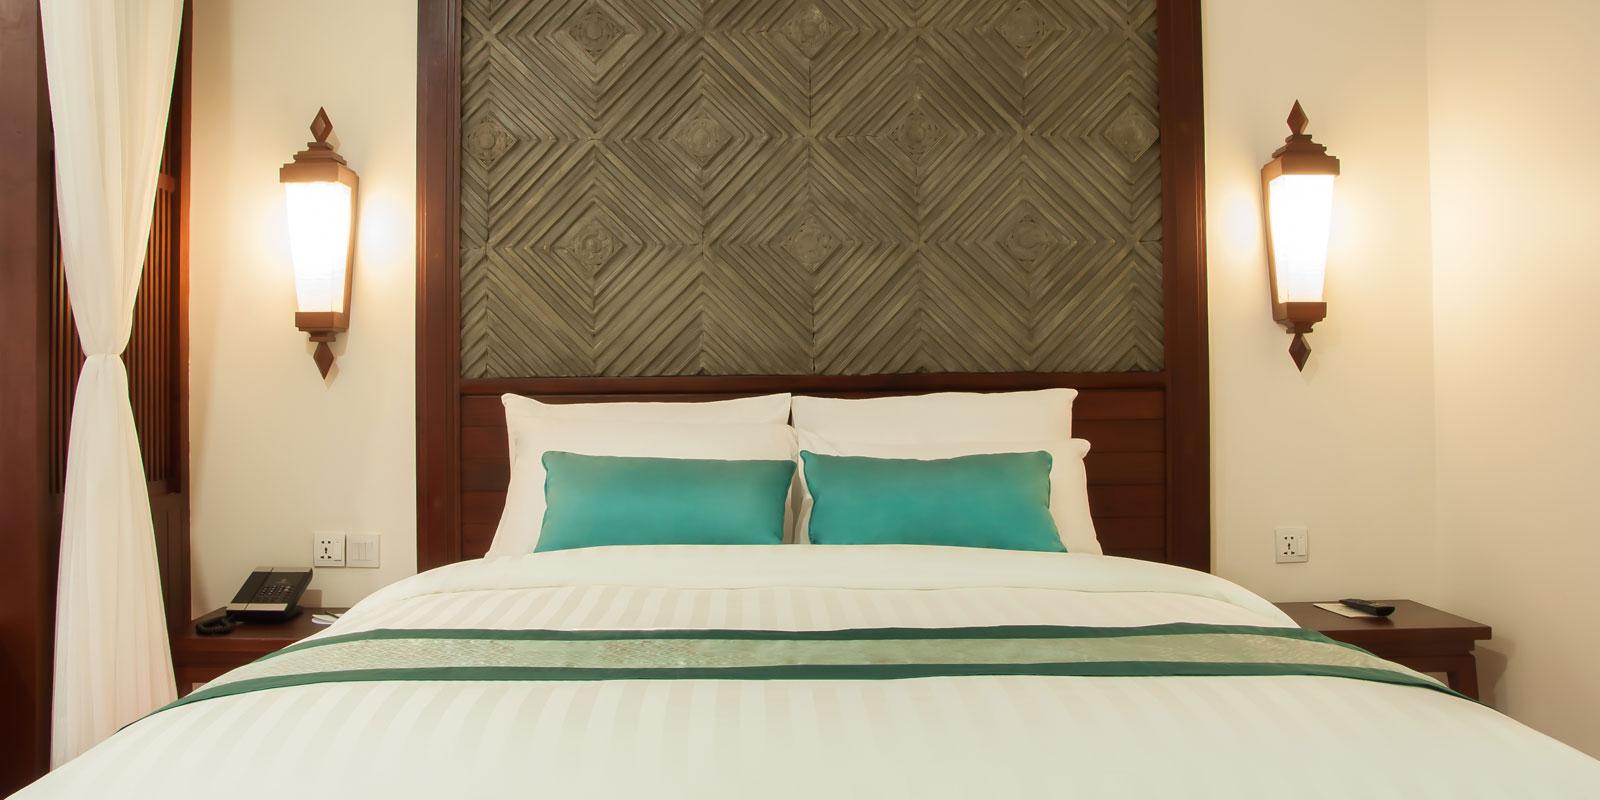 Landmark Double Bed at Lotus Blanc Resort